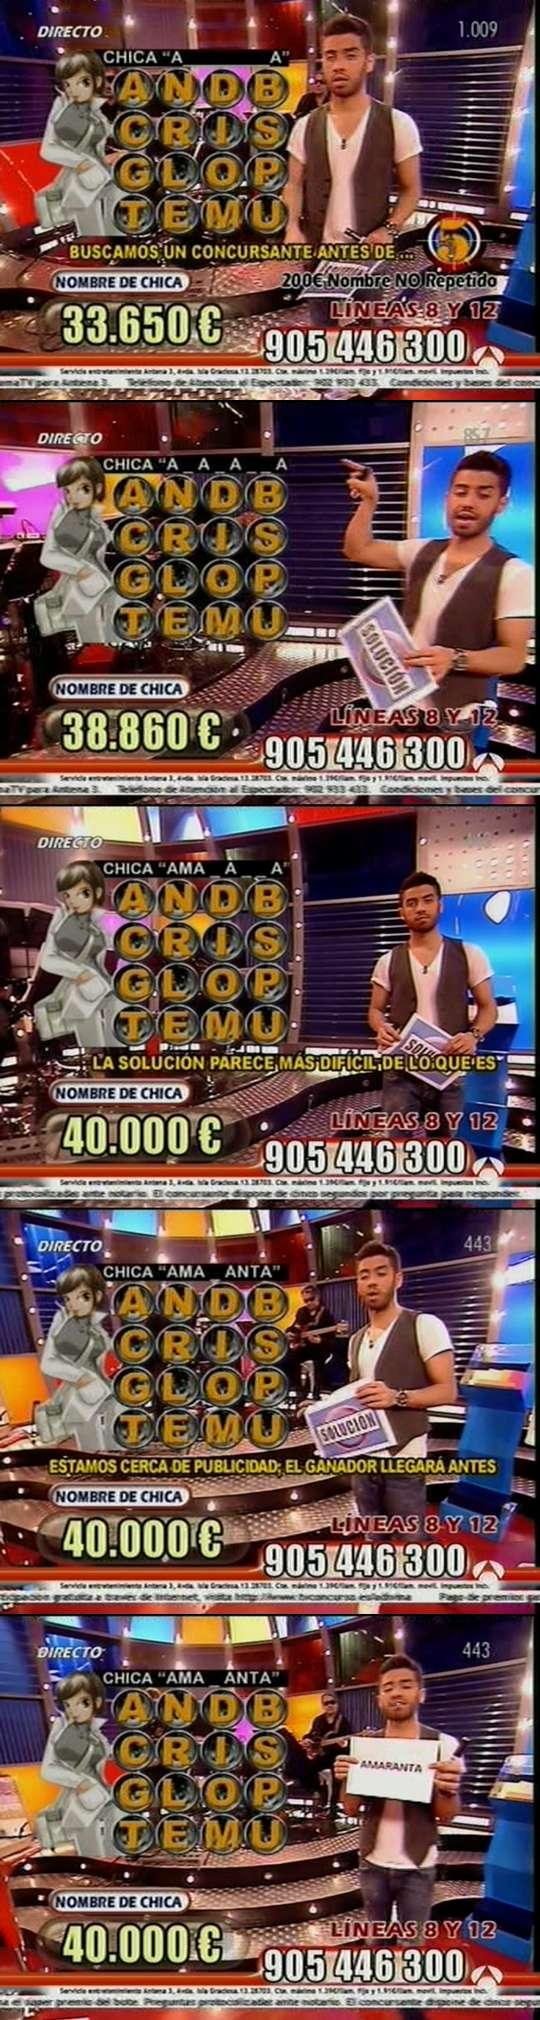 Amaranta - Antena 3